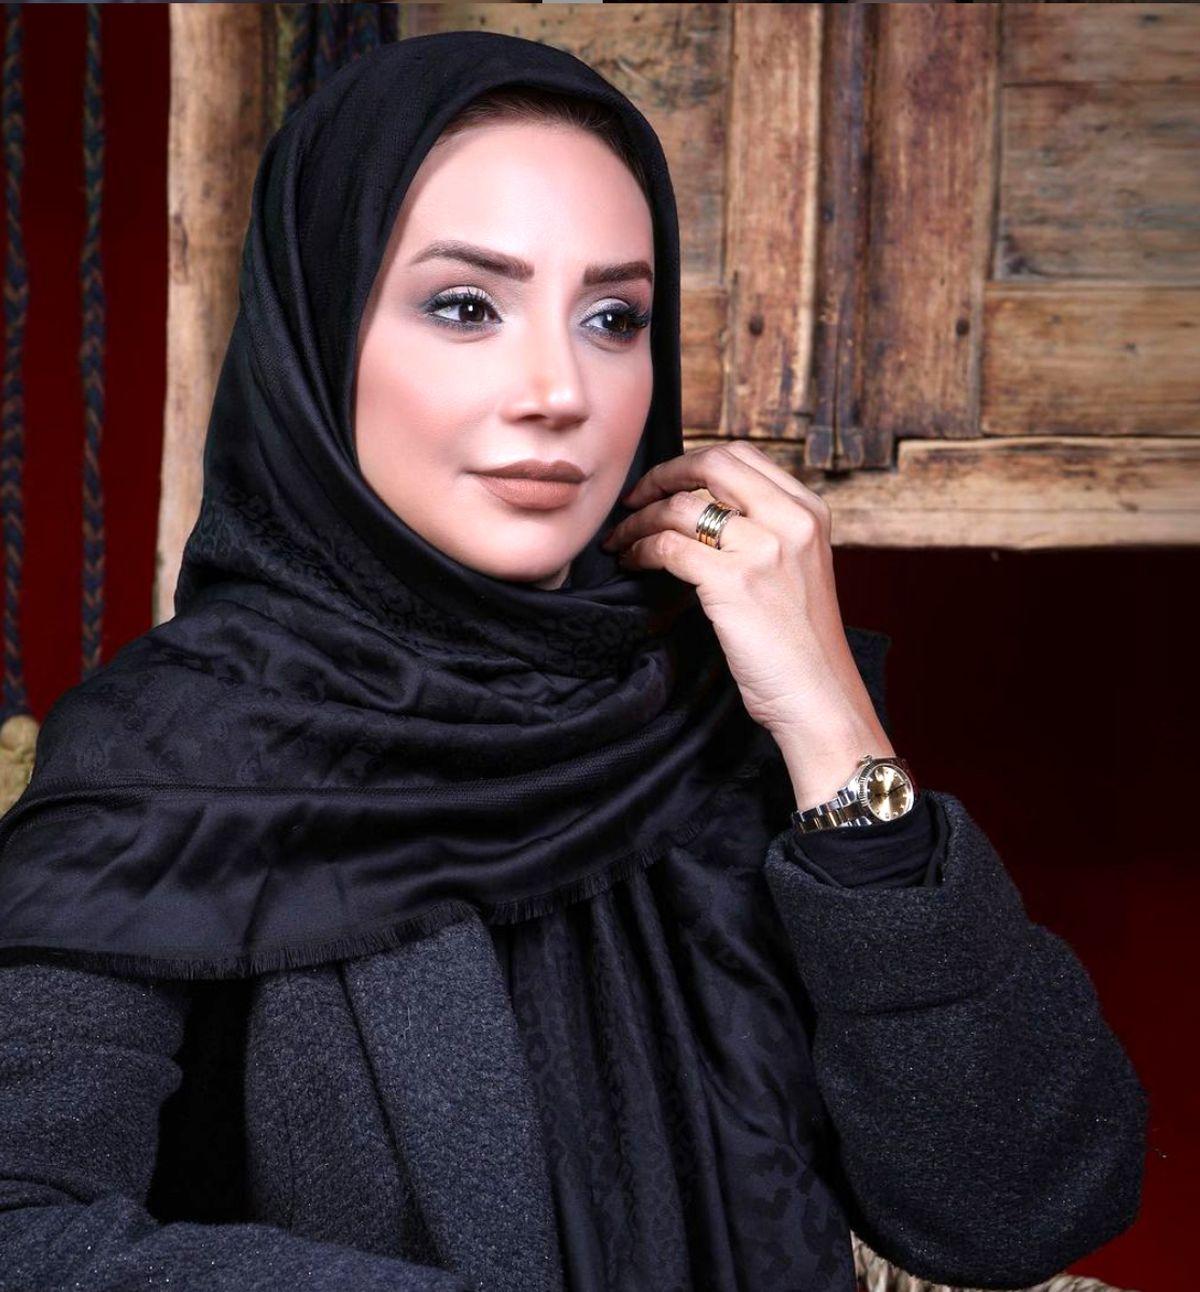 گردش شبنم قلی خانی با ماشین لاکچری / جدیدترین عکس شبنم قلی خانی